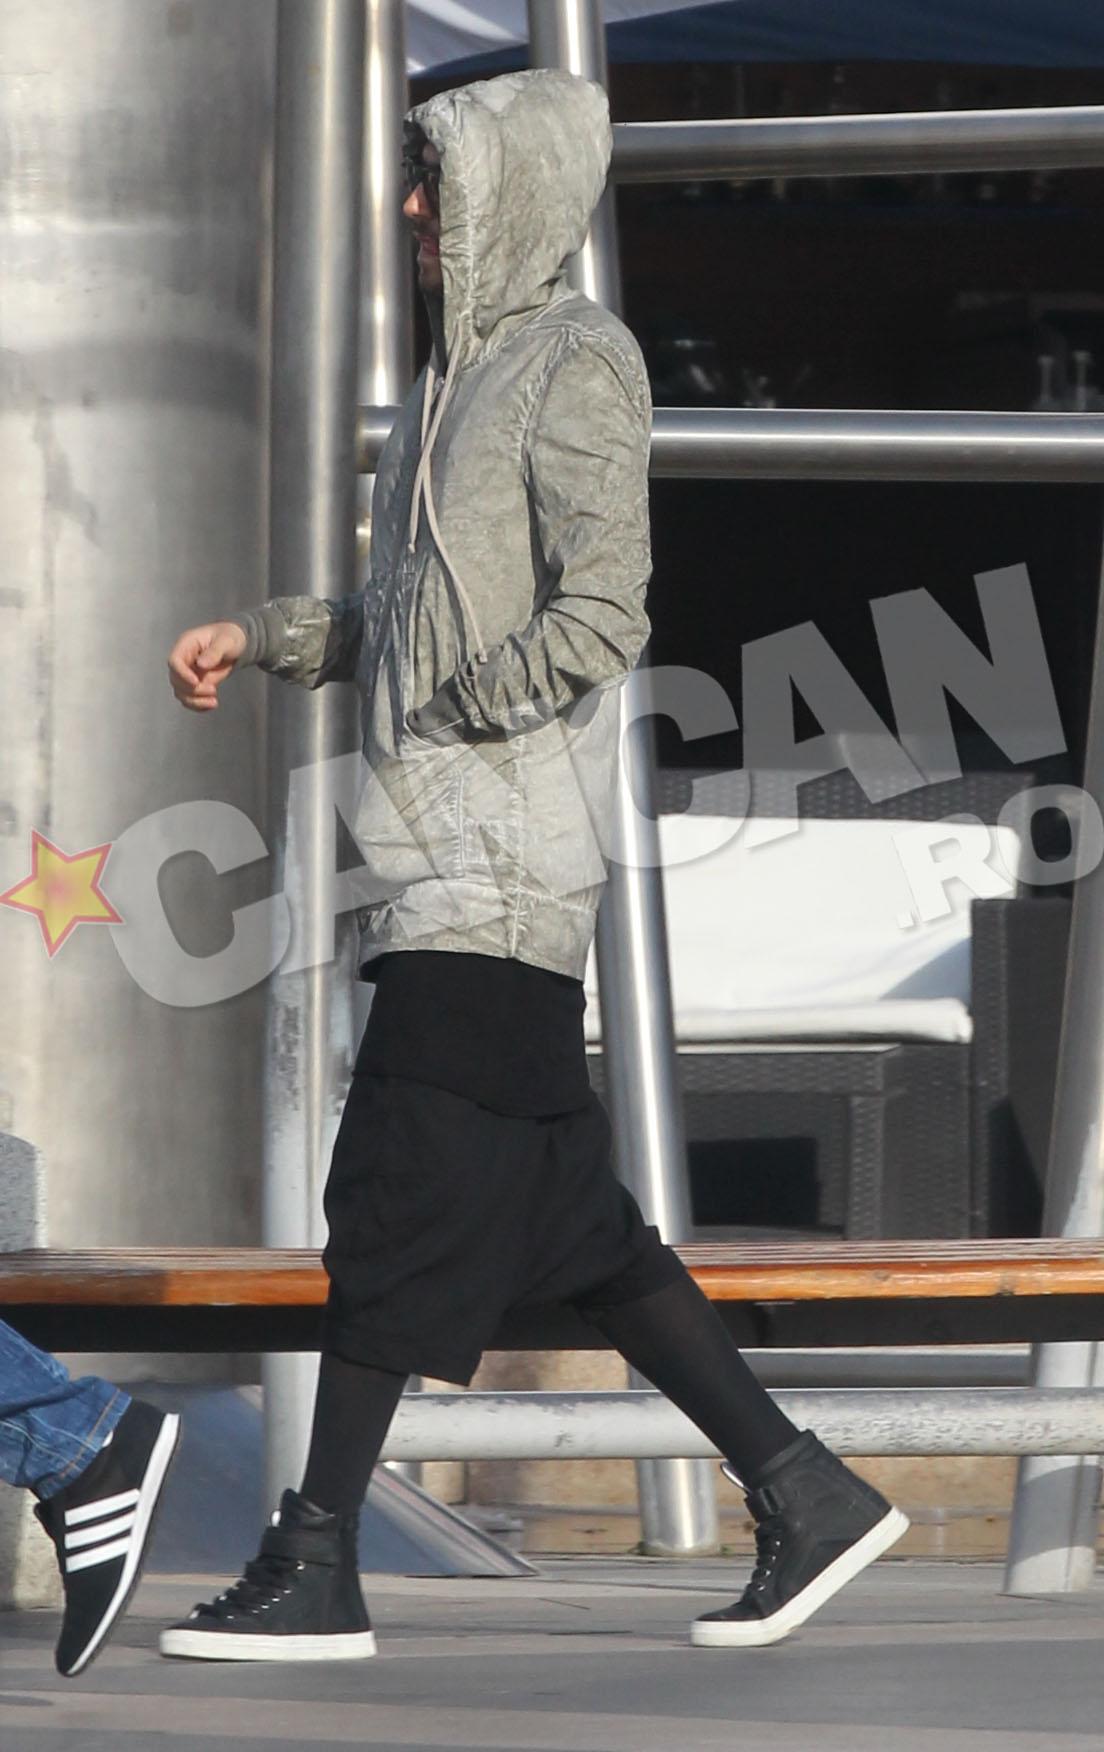 Acesta a purtat o pereche de pantaloni cu aspect de fusta si dresuri negre